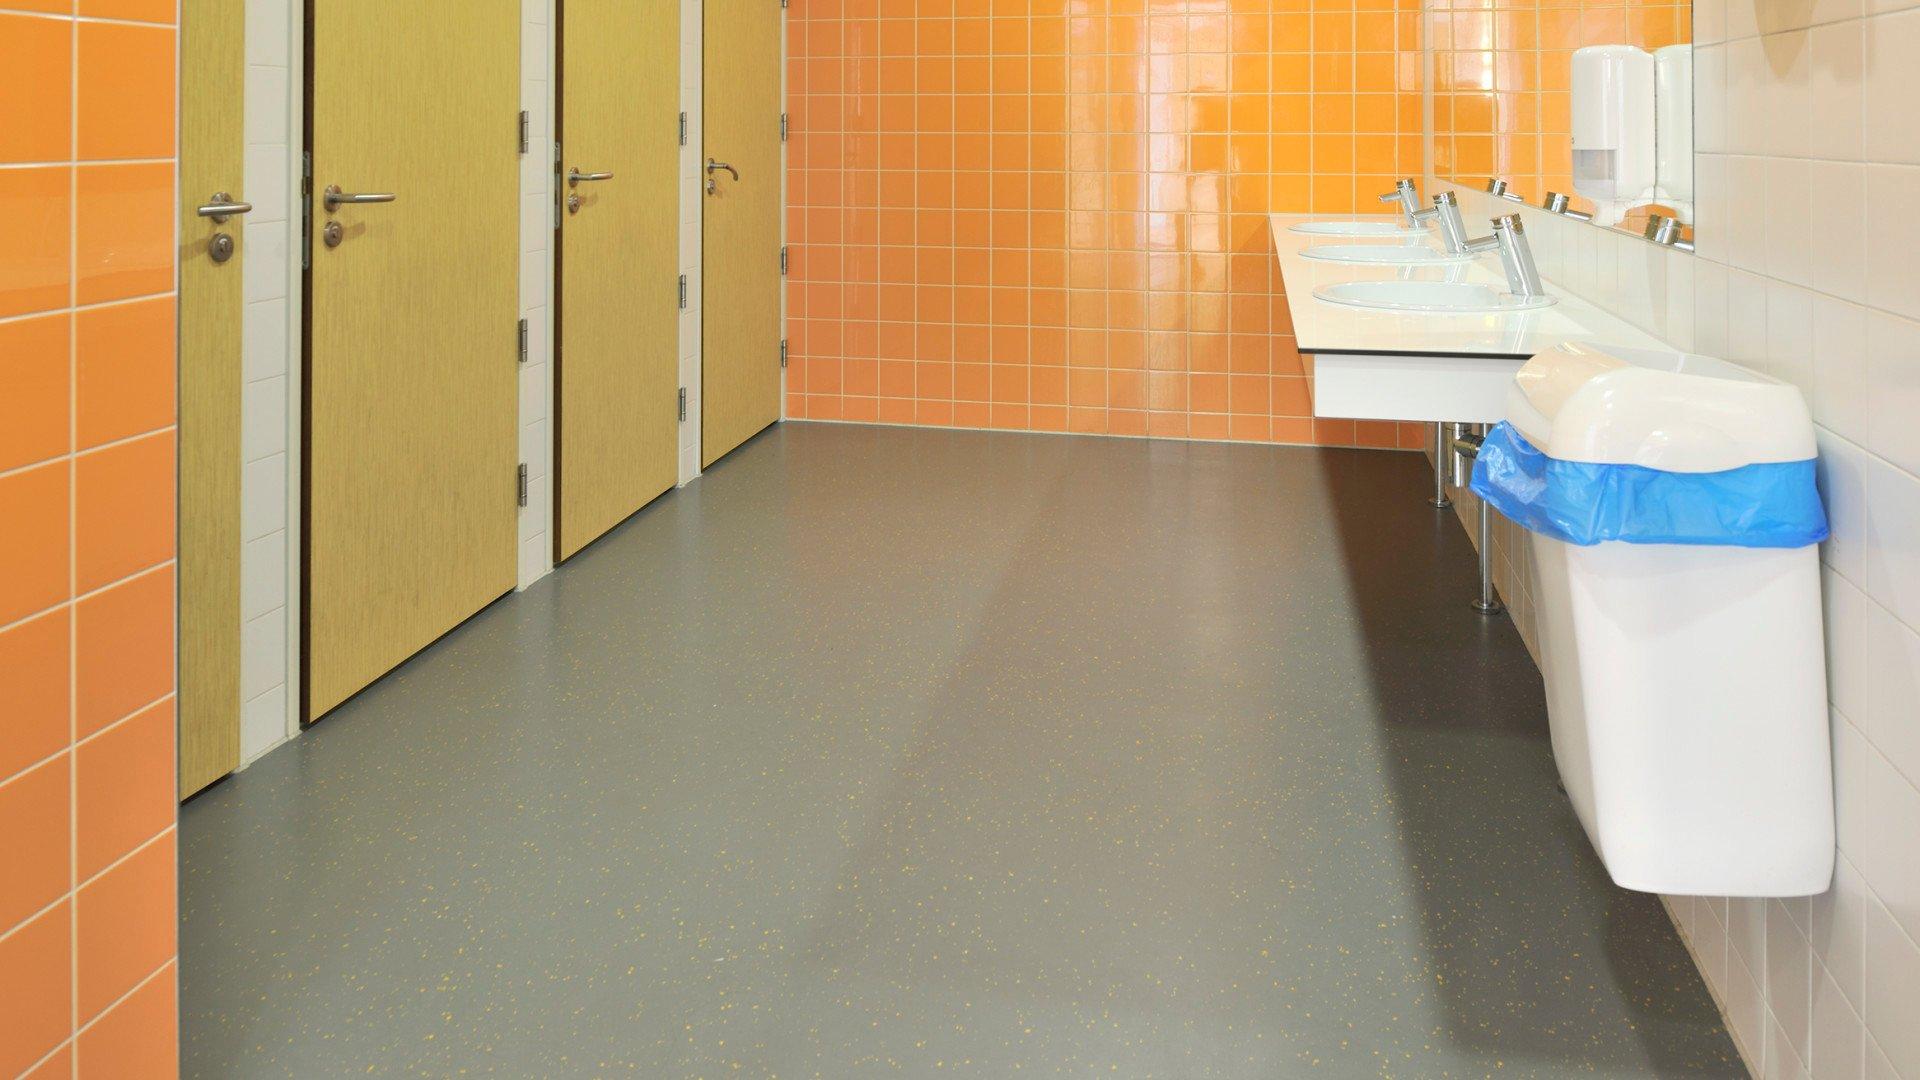 School Schieveste Schiedam Bolidtop 525 Deco TF